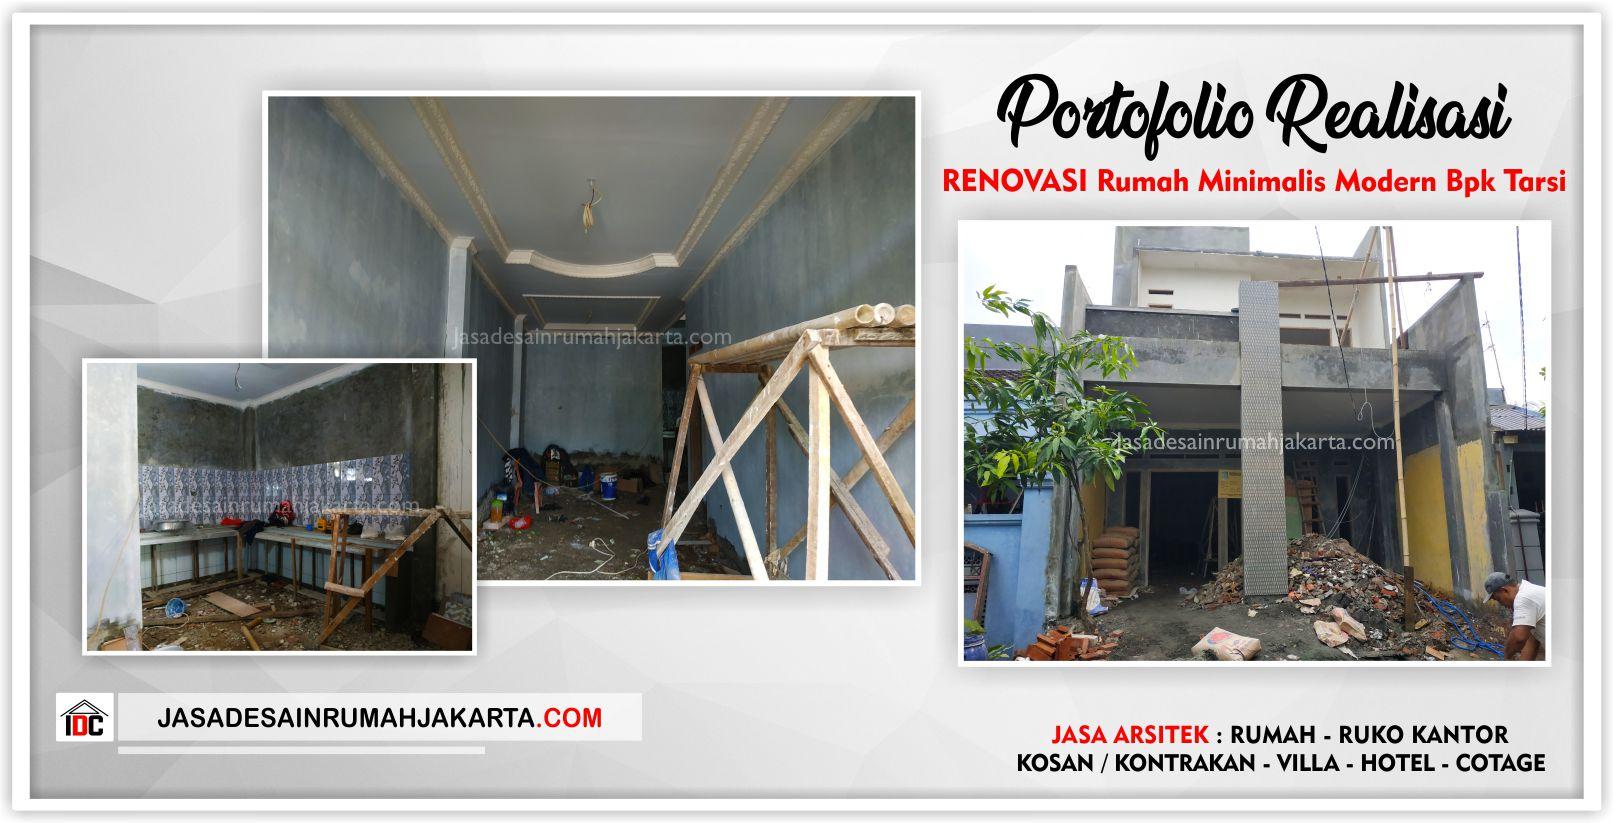 Realisasi Kunjungan Rumah Bpk Tarsi-Arsitek Gambar Desain Rumah Minimalis Modern Di Tangerang-Jakarta-Surabaya-Bekasi-Bandung-Jasa Konsultan Desain Arsitek Profesional 2